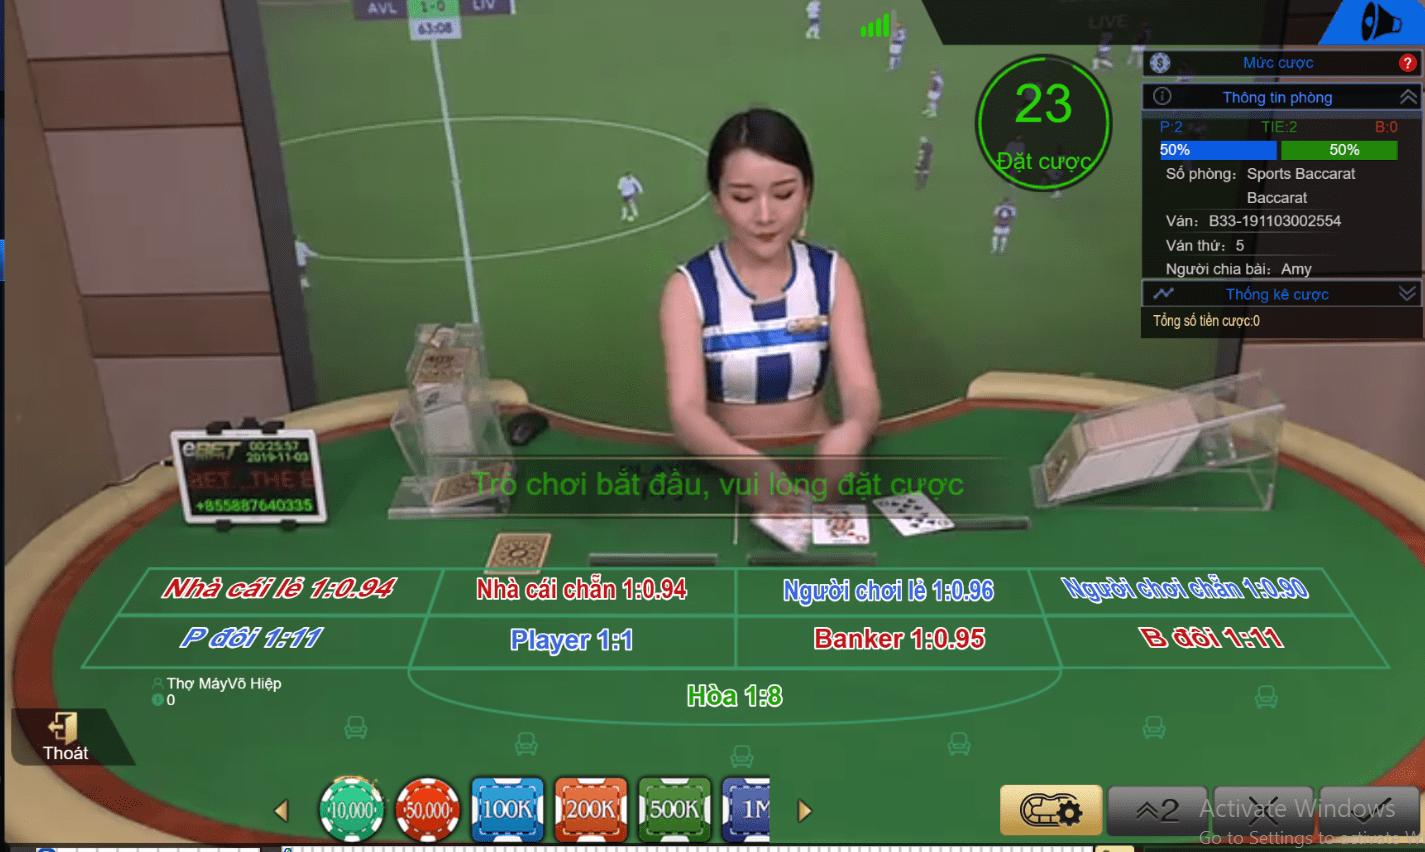 Trang chủ V9bet casino trực tuyến - Cá cược thể thao - V9bet.com